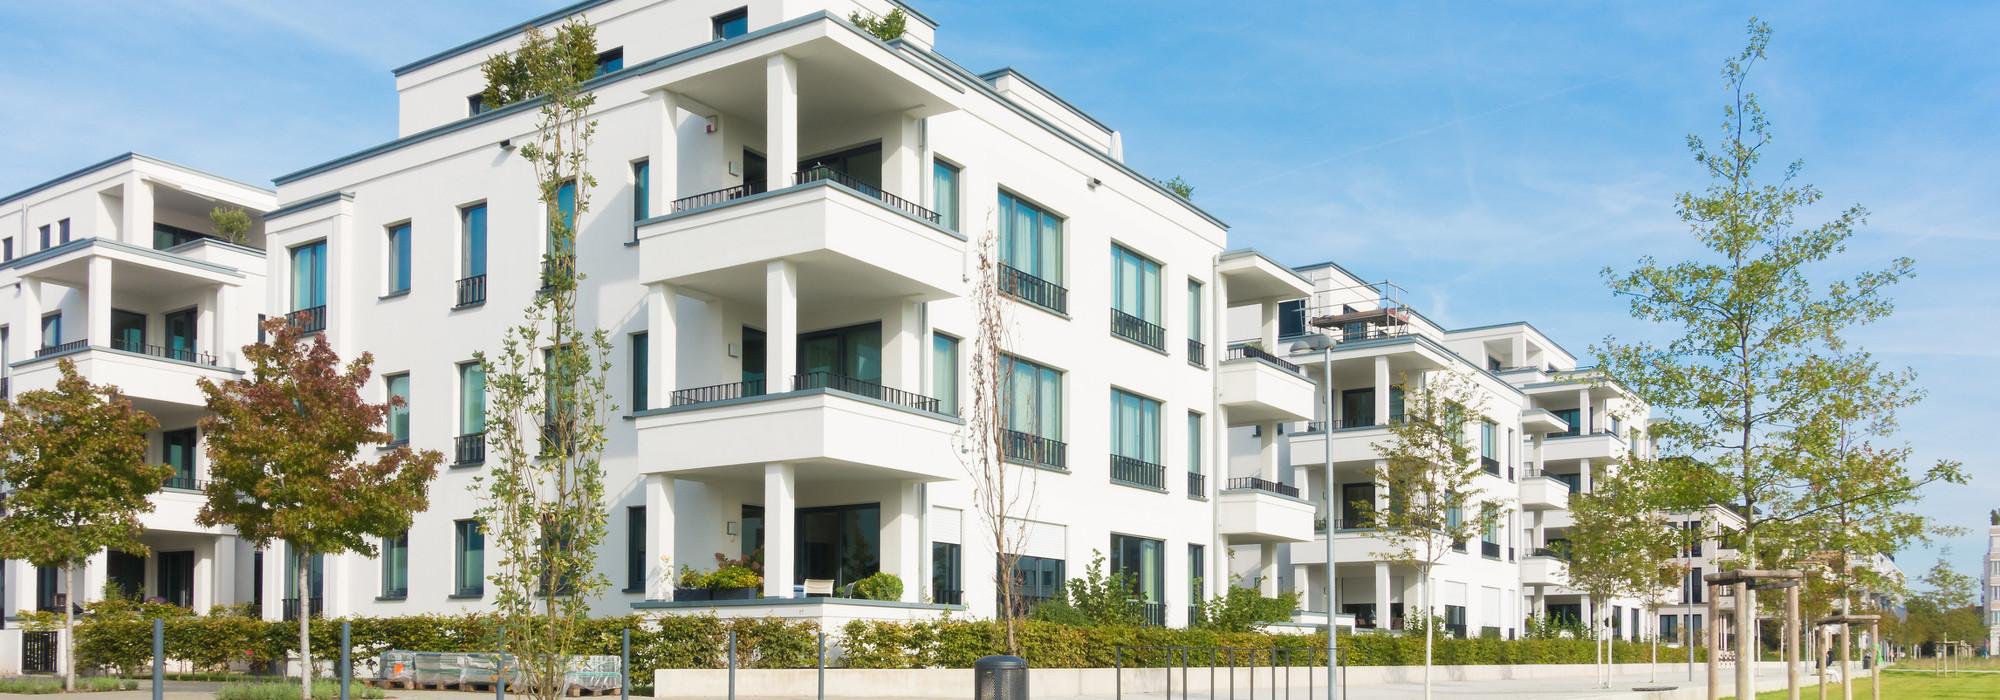 Jetzt Marktwerteinschätzung Ihrer Immobilie online anfordern!